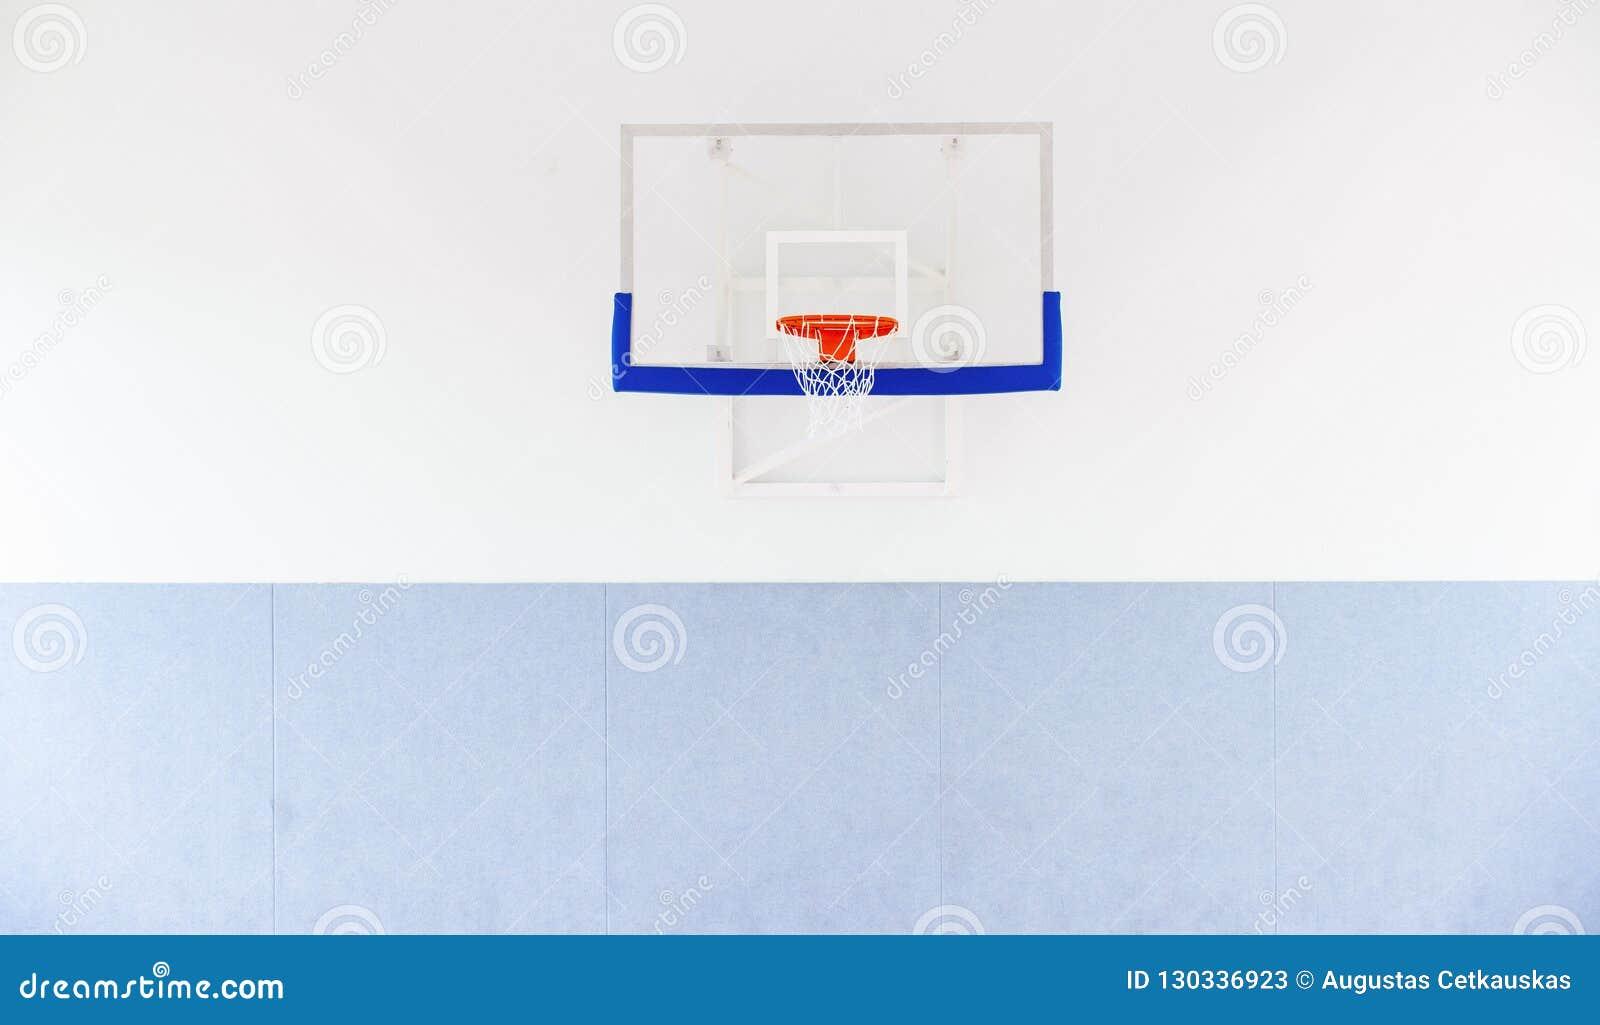 Koszykówka obręcza klatka, odosobniony wielki backboard zbliżenie, nowy outd